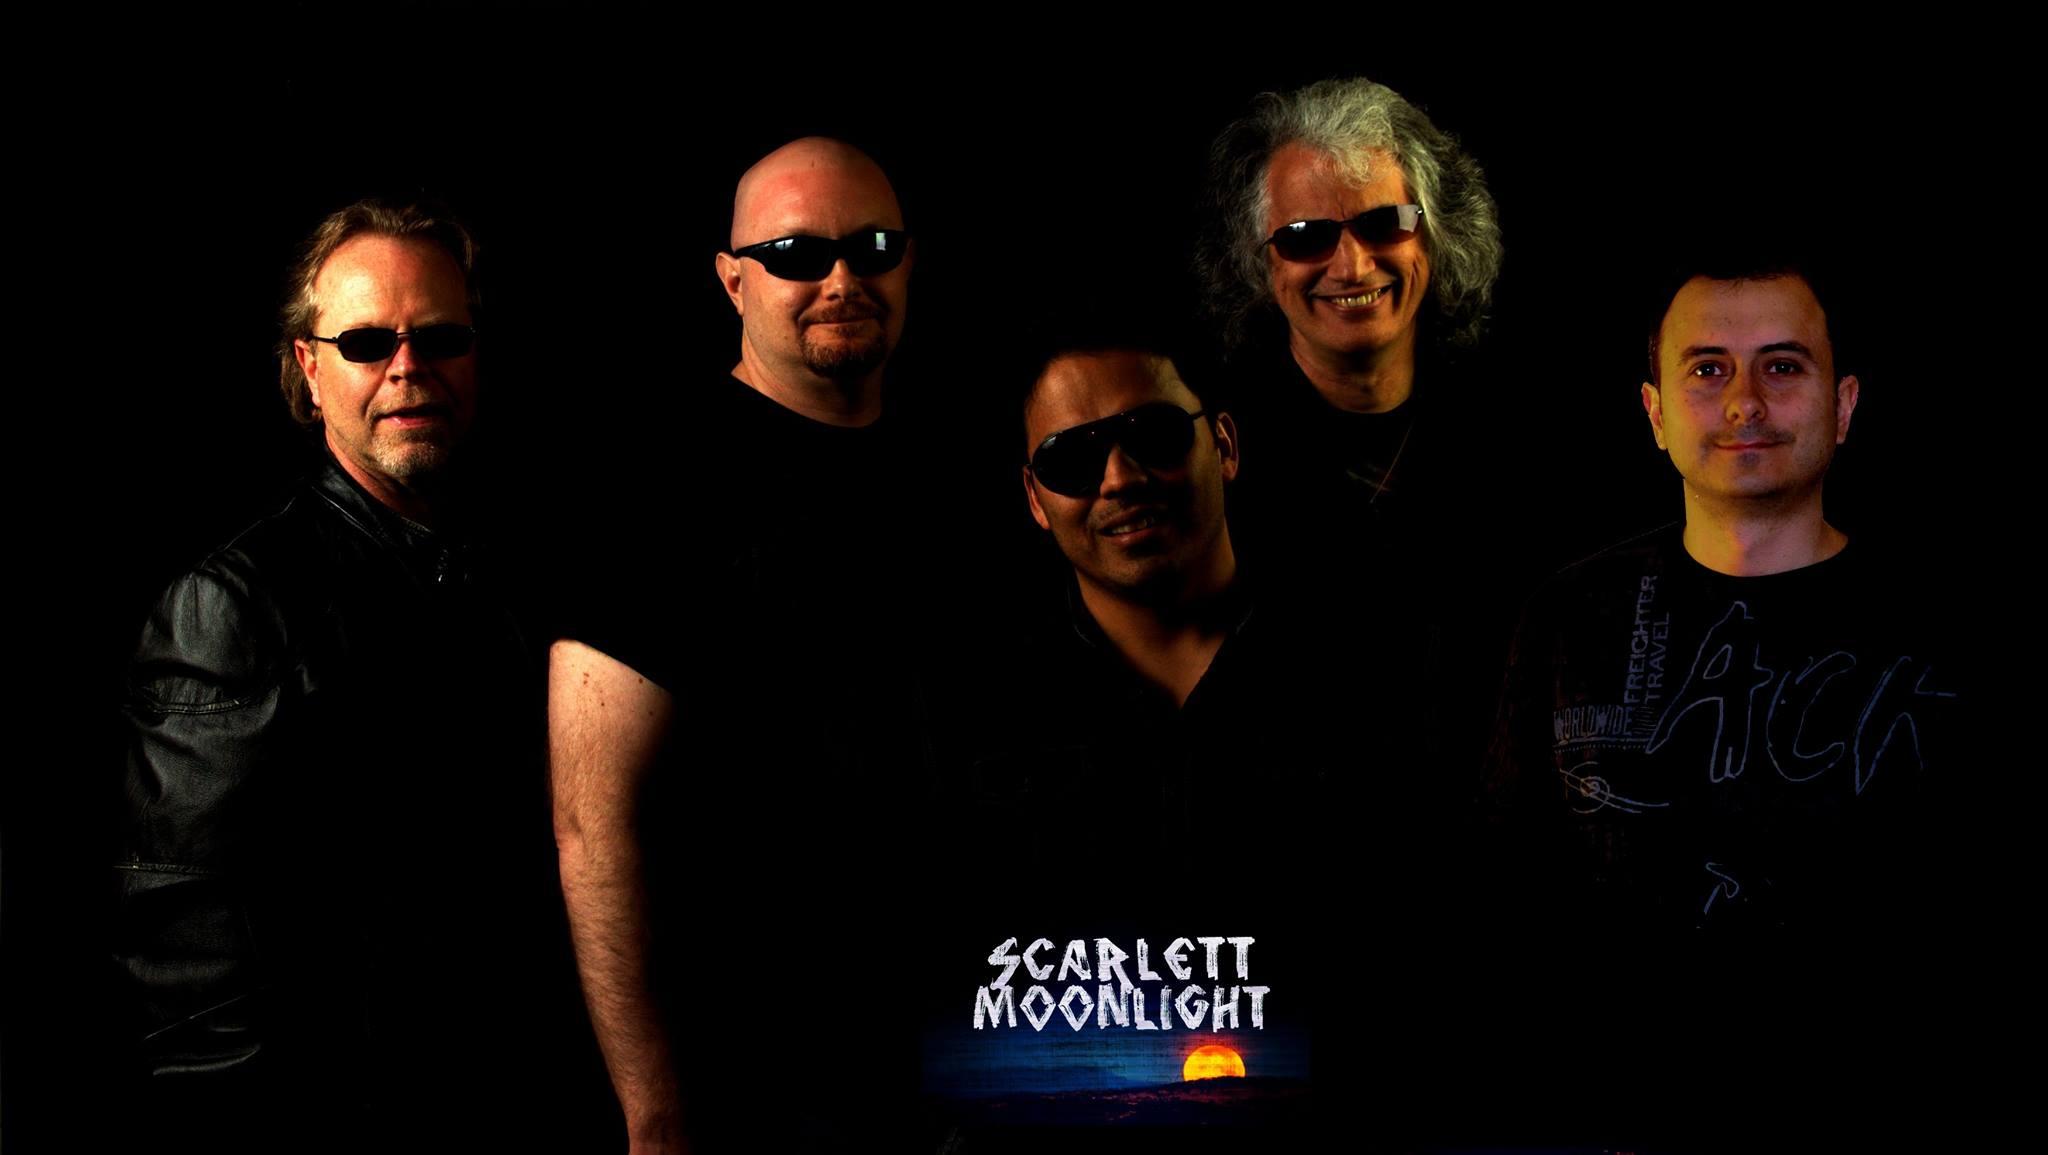 Scarlett Moonlight